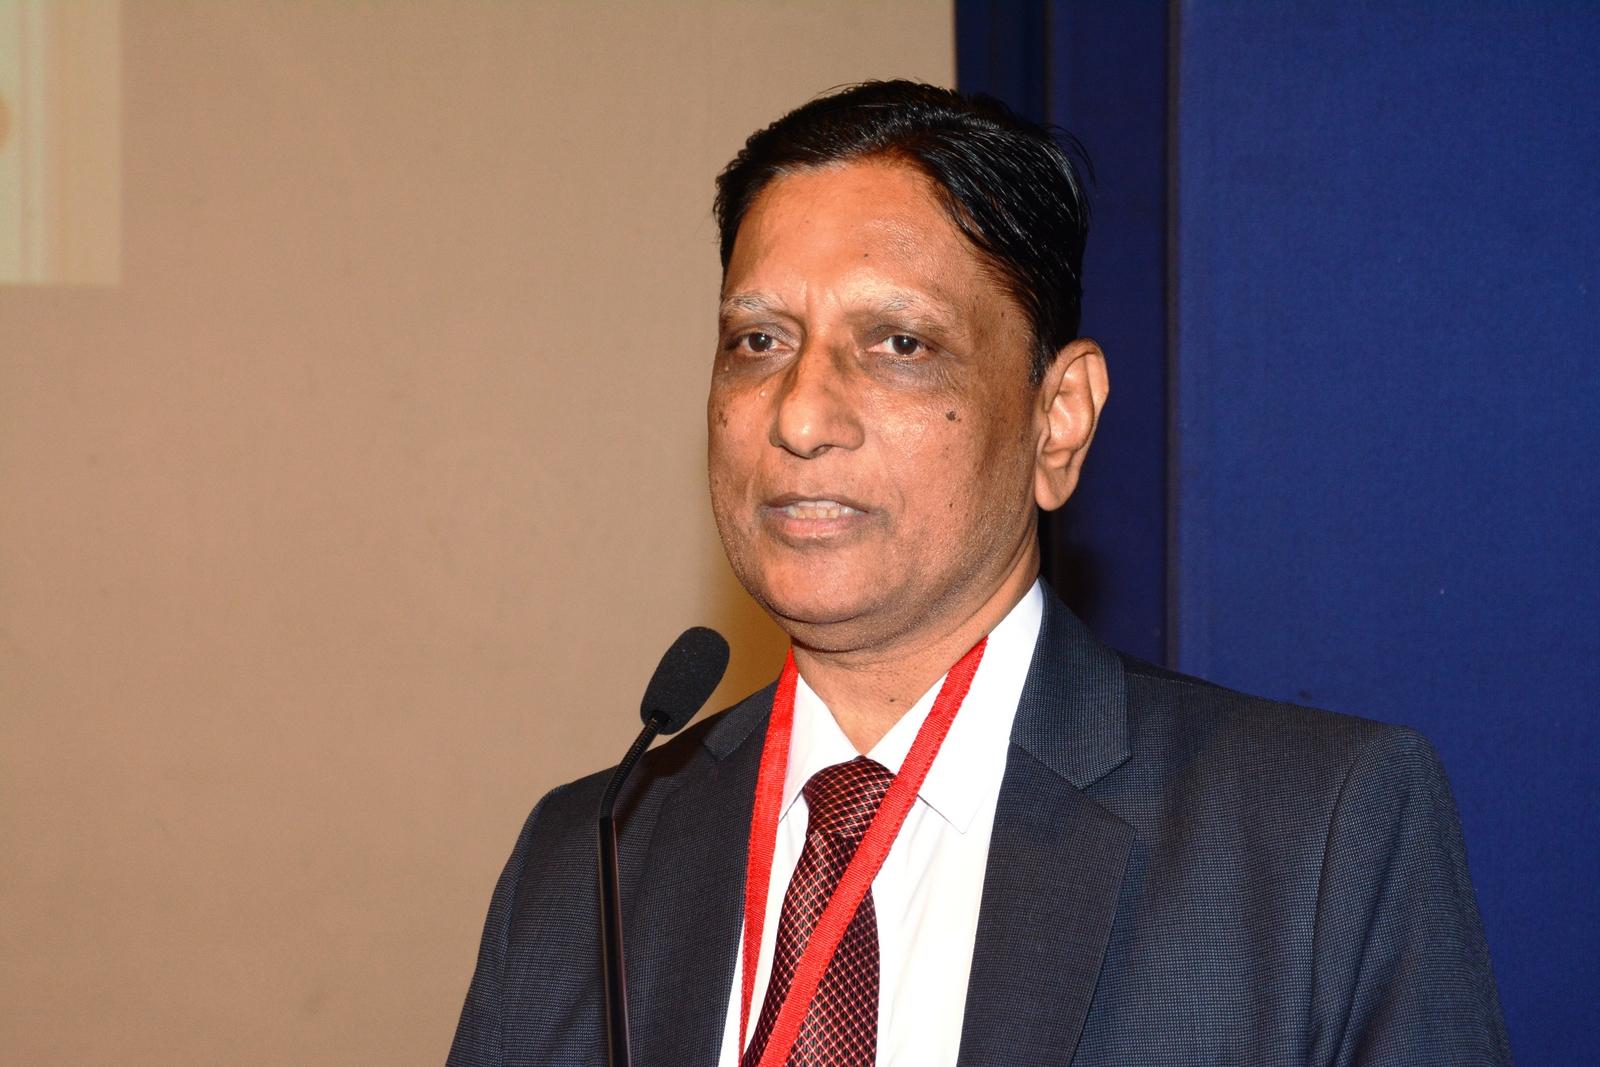 Adv. (Dr.) Sudhakar Avhad